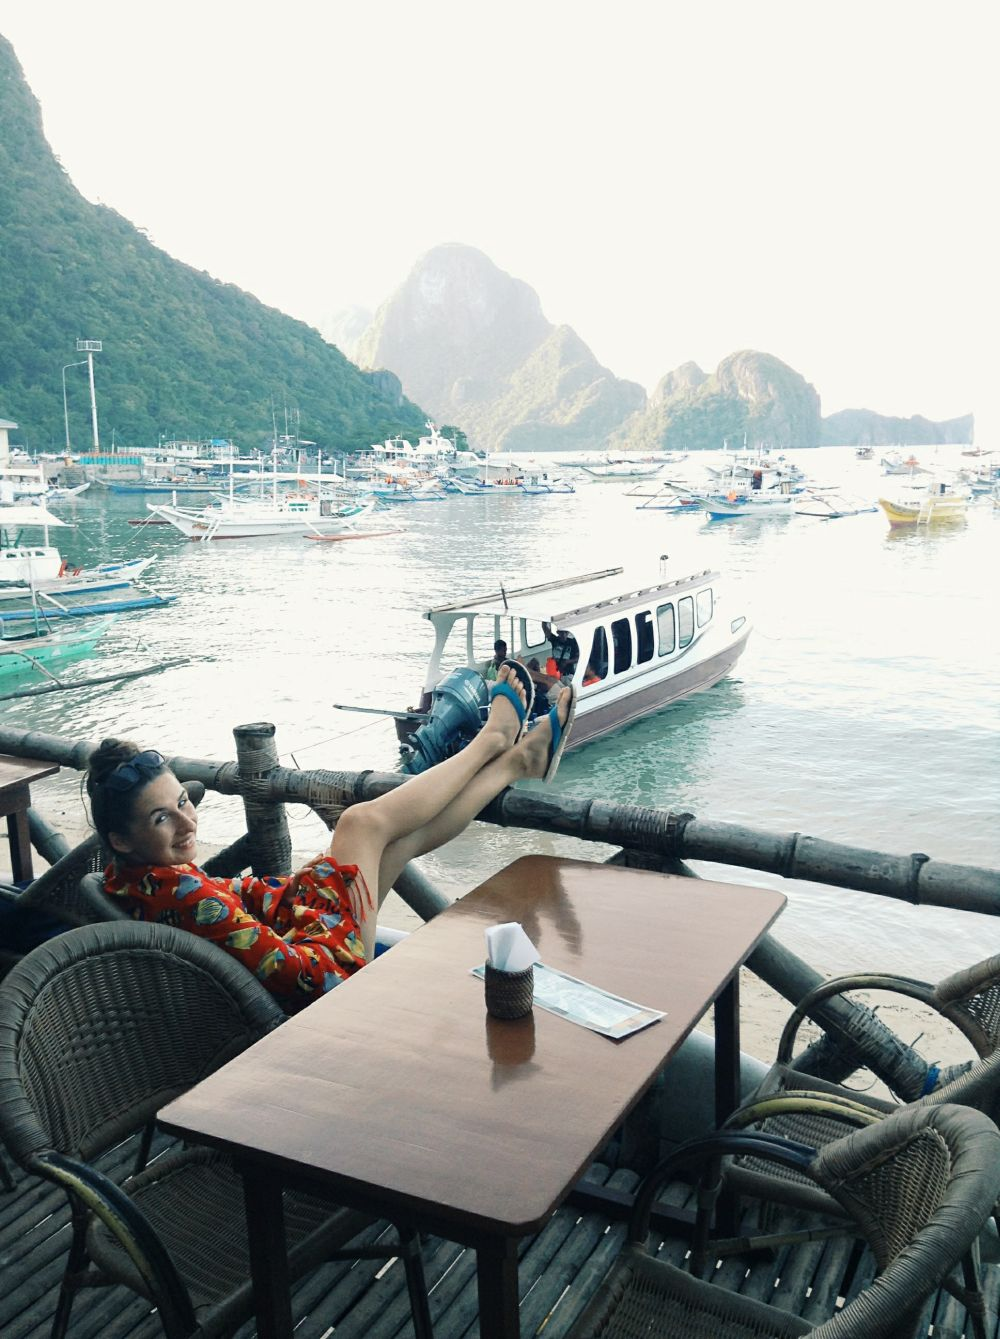 KÁVA A ČAJ: nejdú s Filipínami dokopy. Domáci tu pijú 3v1 Nescafe akoby to bolo to najlepšie, čo existuje. V pár kaviarniach v El Nido majú dobrú kávu, najlepšiu, akú sme našli, bola v Art Café (na obrázku). Ak ste káviičkári, doneste si Aeropress a pomletú kávu, inak budú vaše rána smutné. A čaj? majú tu len Lipton, klasický smeťový. A za 10 sáčkov pýtajú 2,50€.